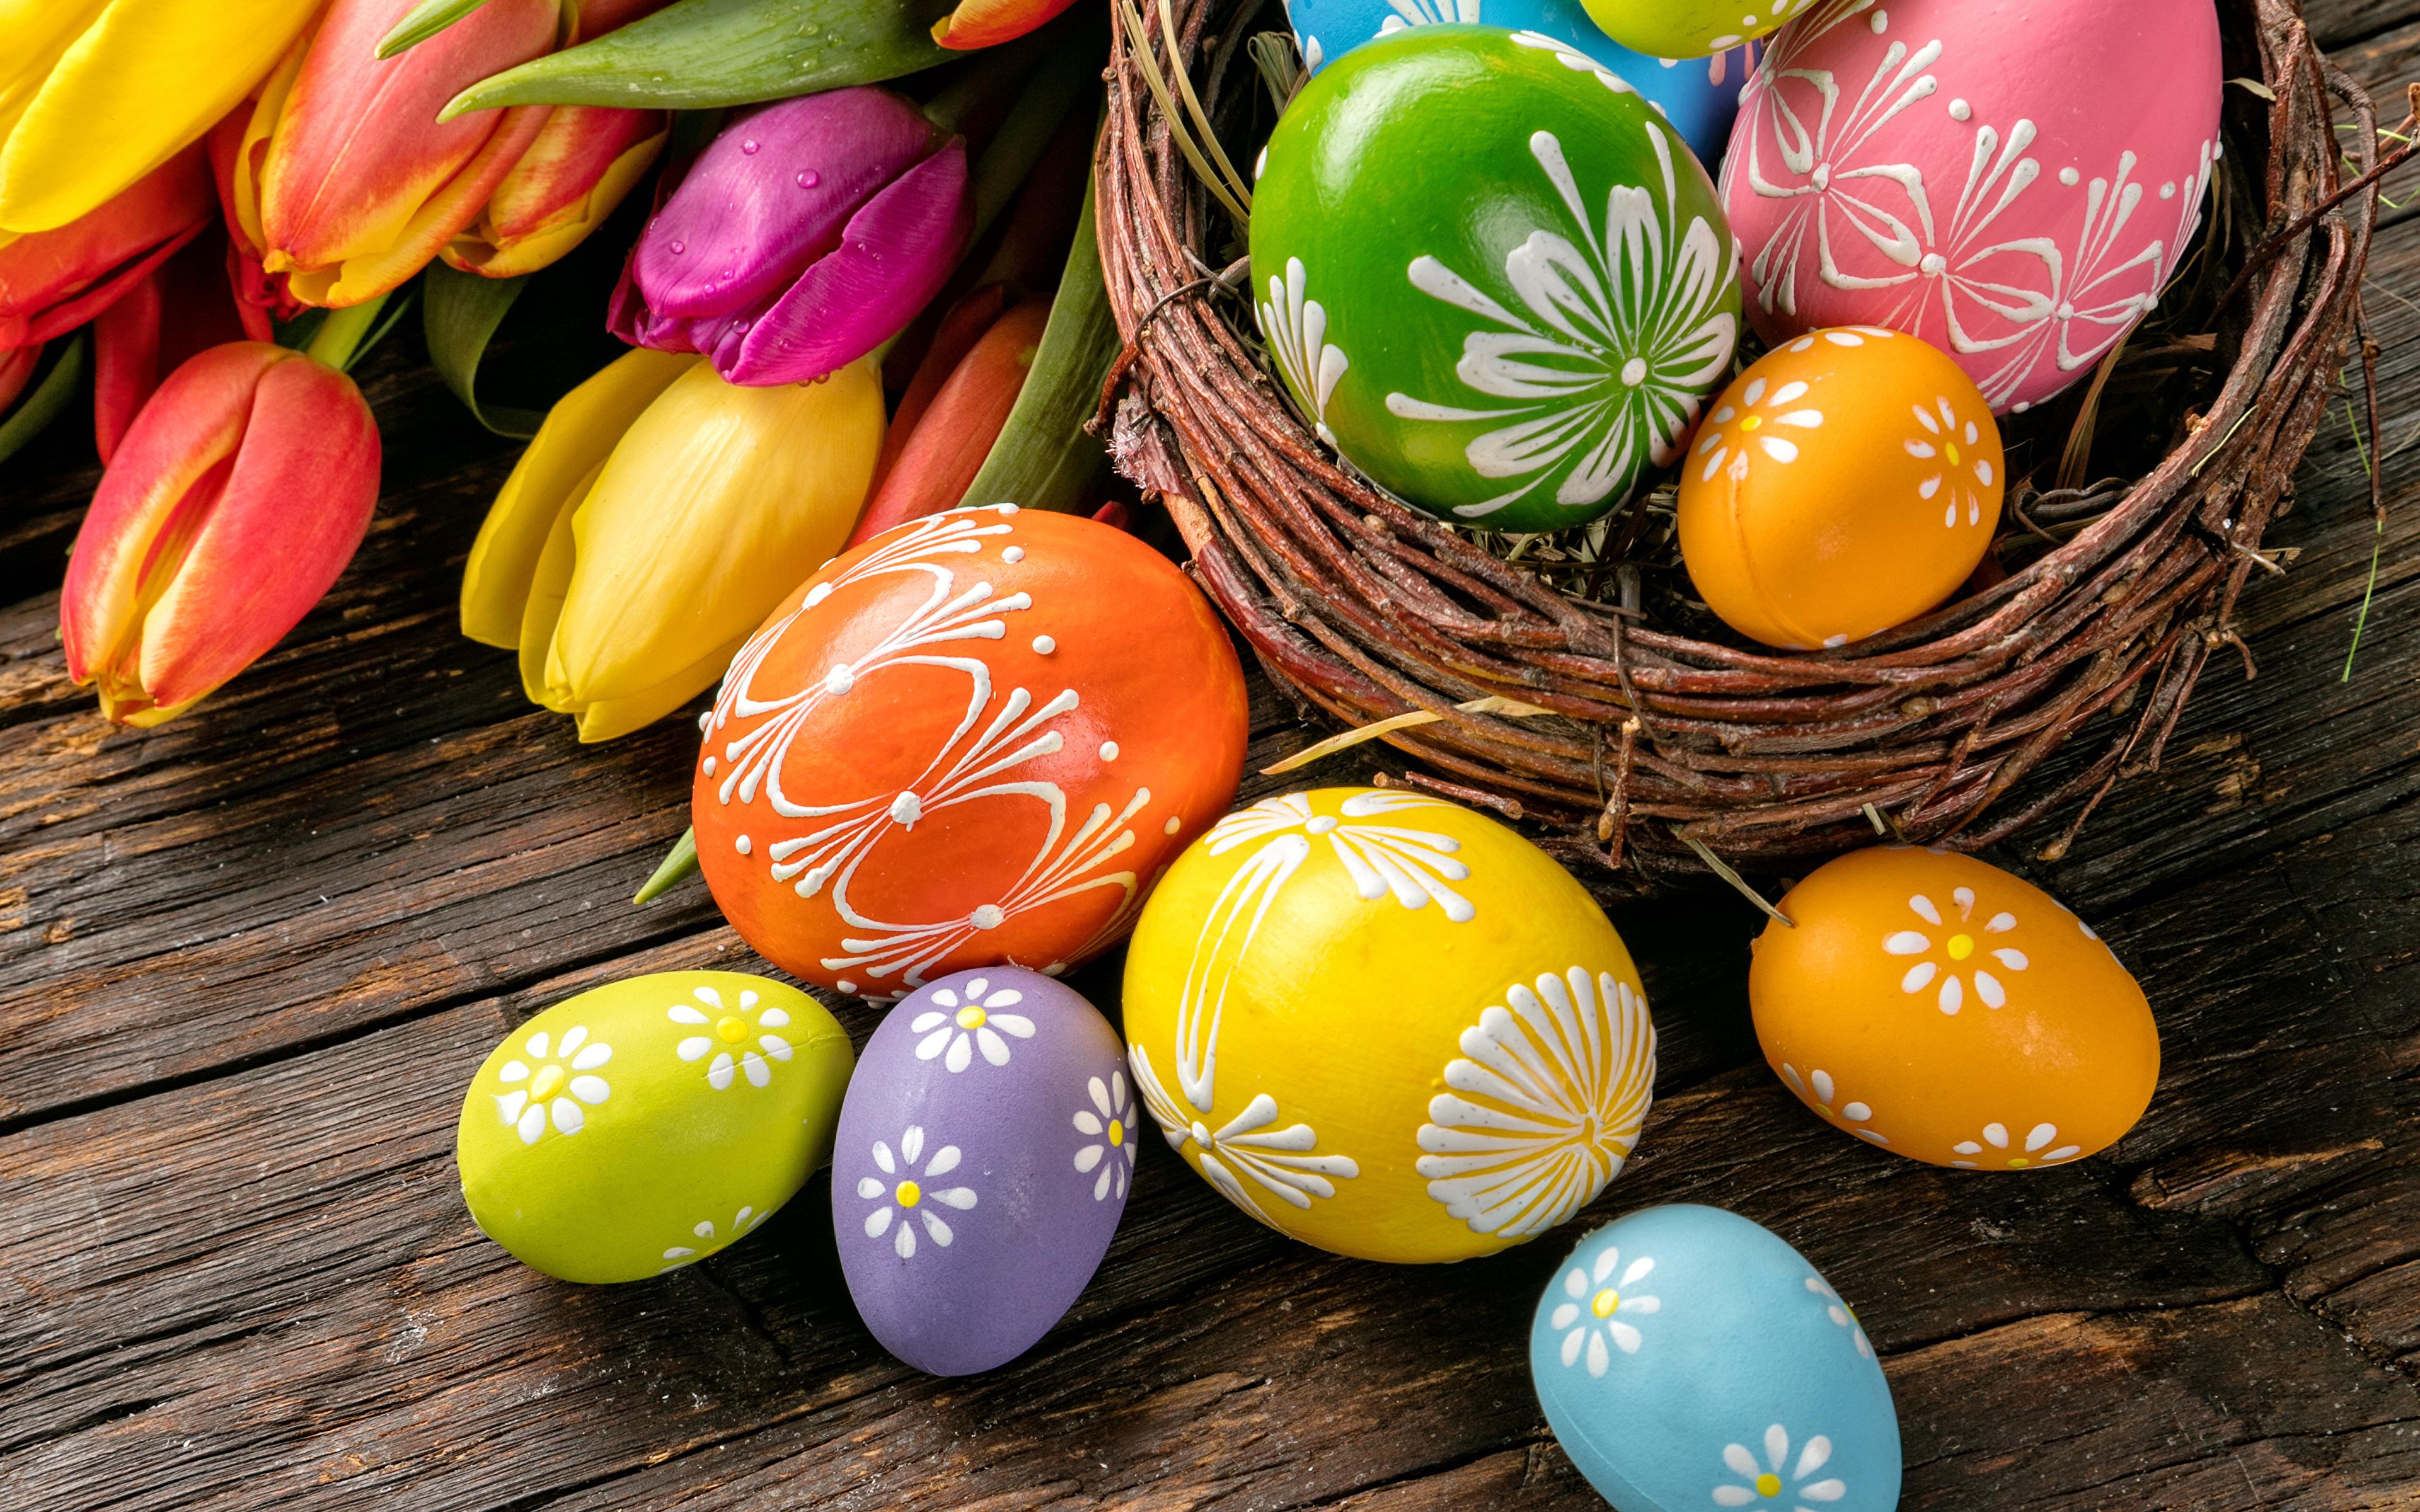 пасхальные яйца  № 1677905 загрузить